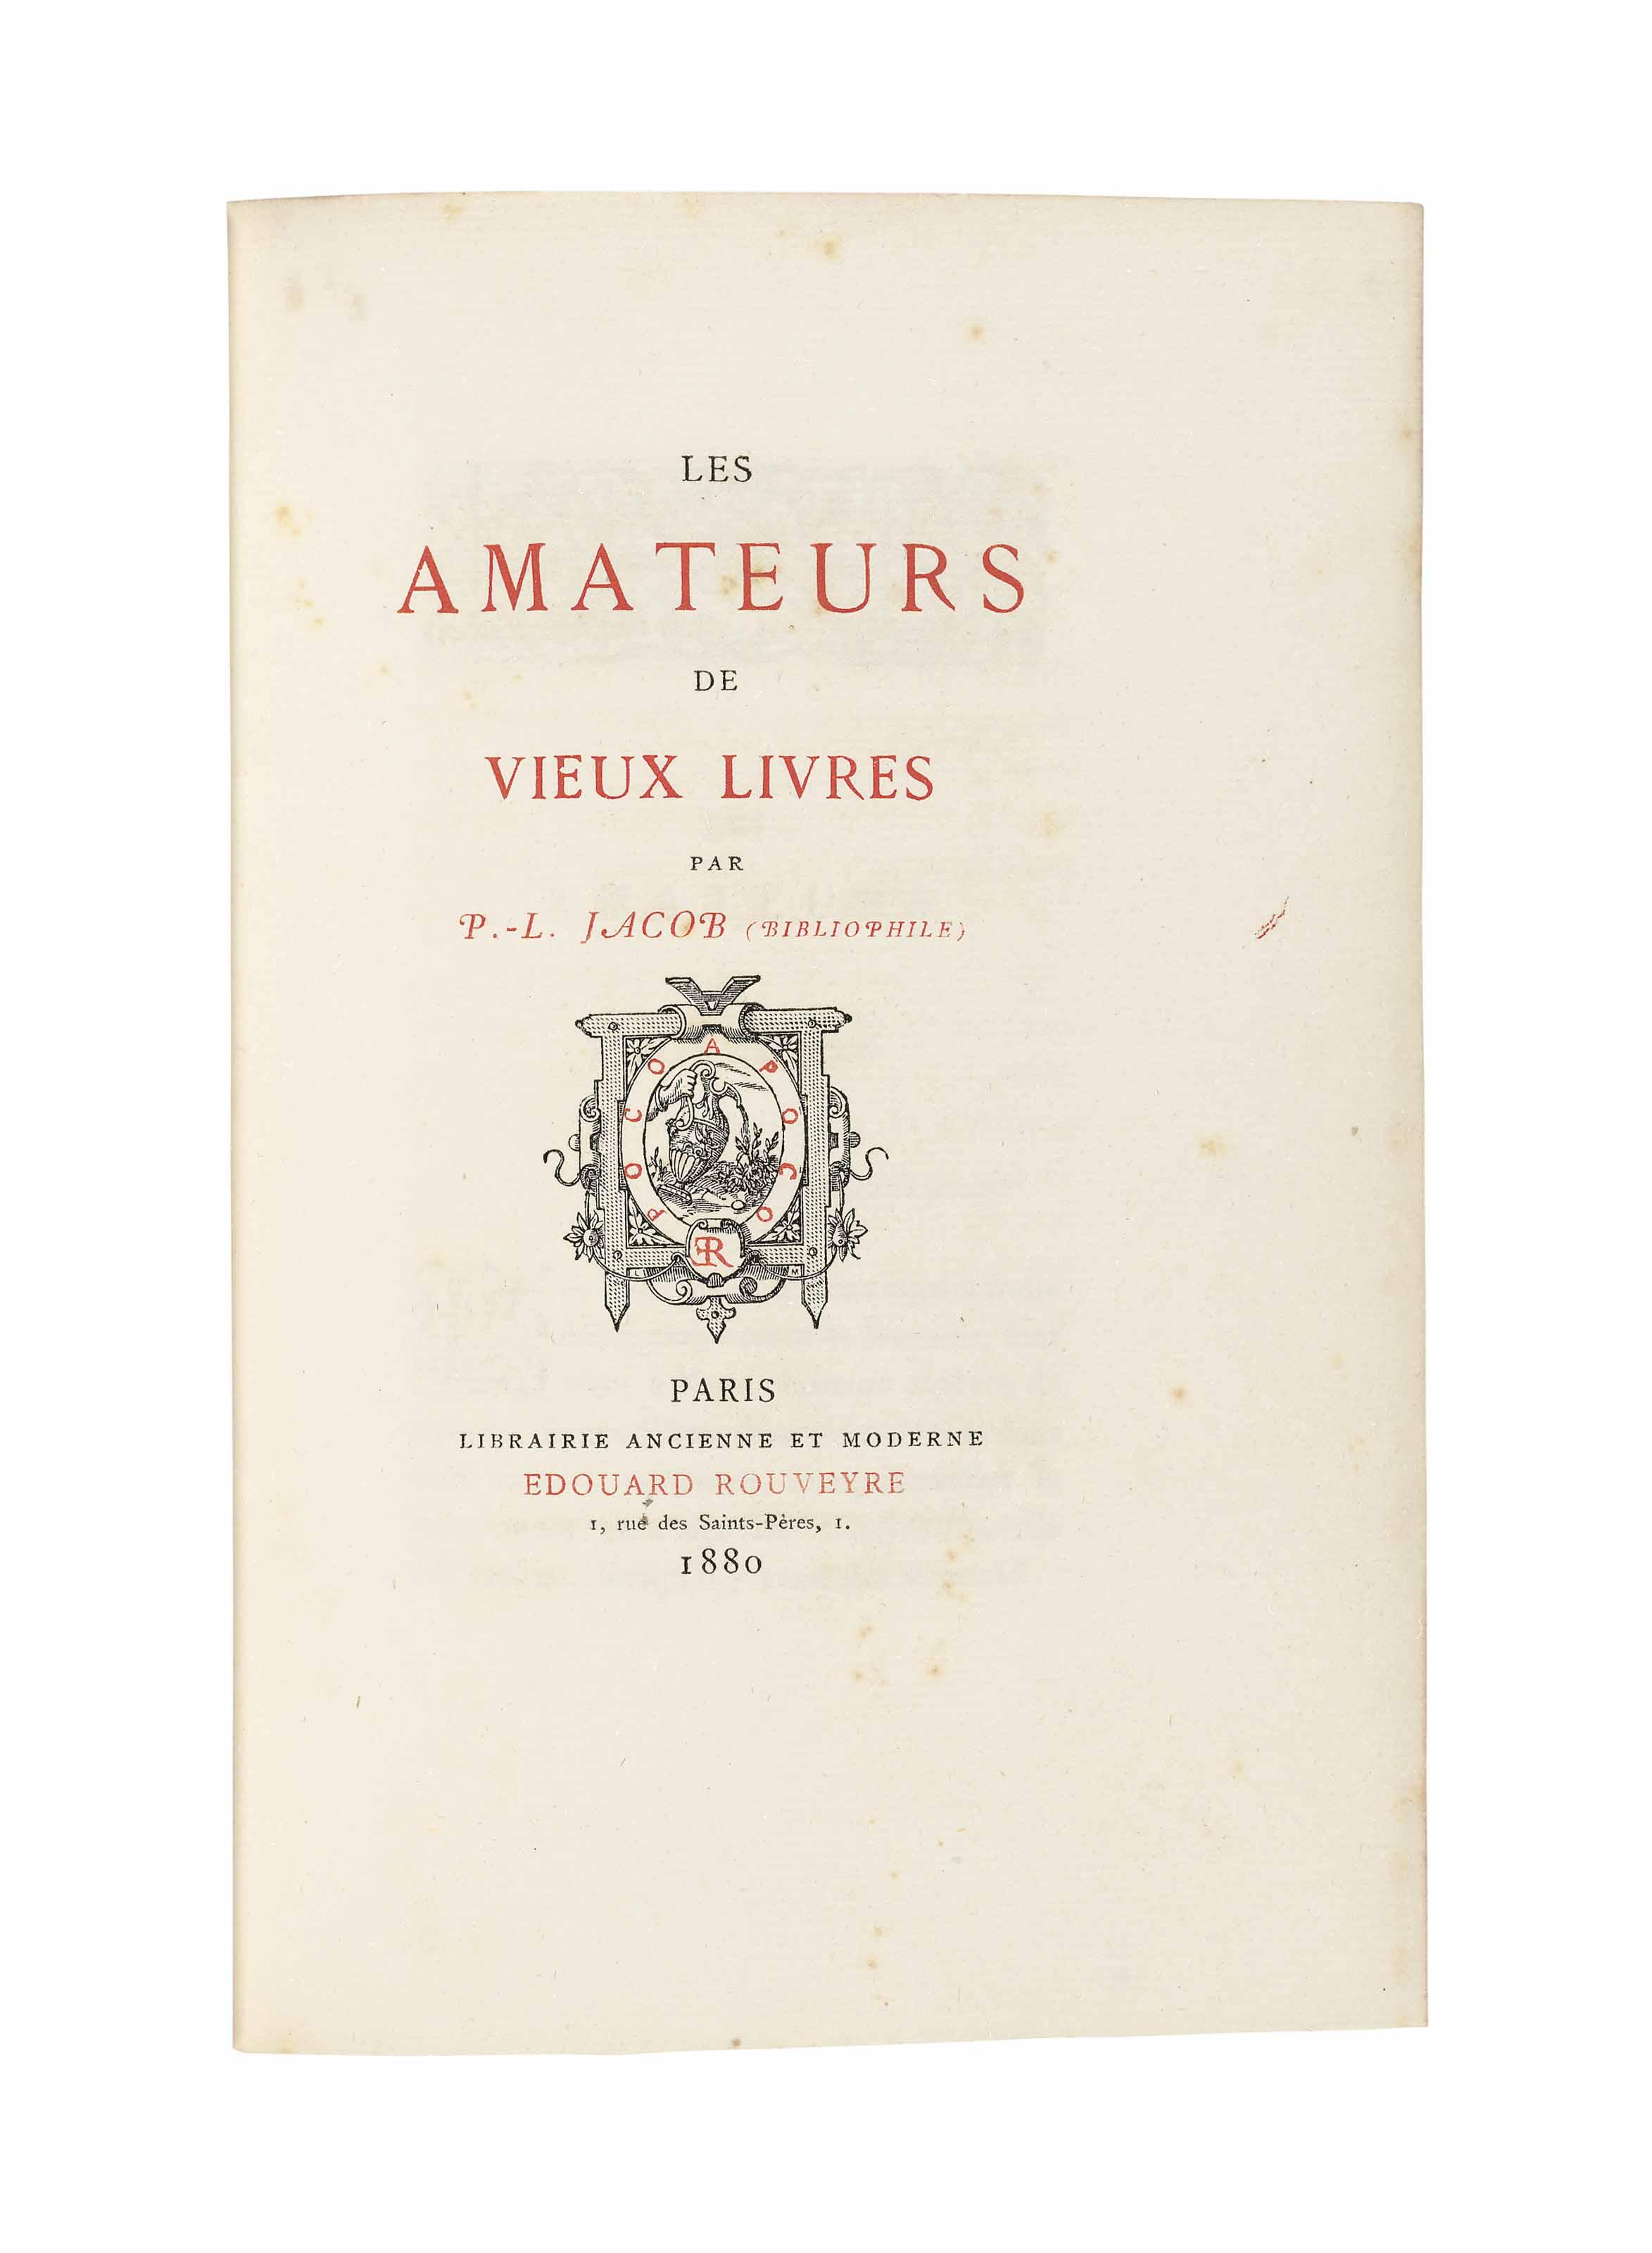 [LACROIX, Paul (1806-1884)]. L